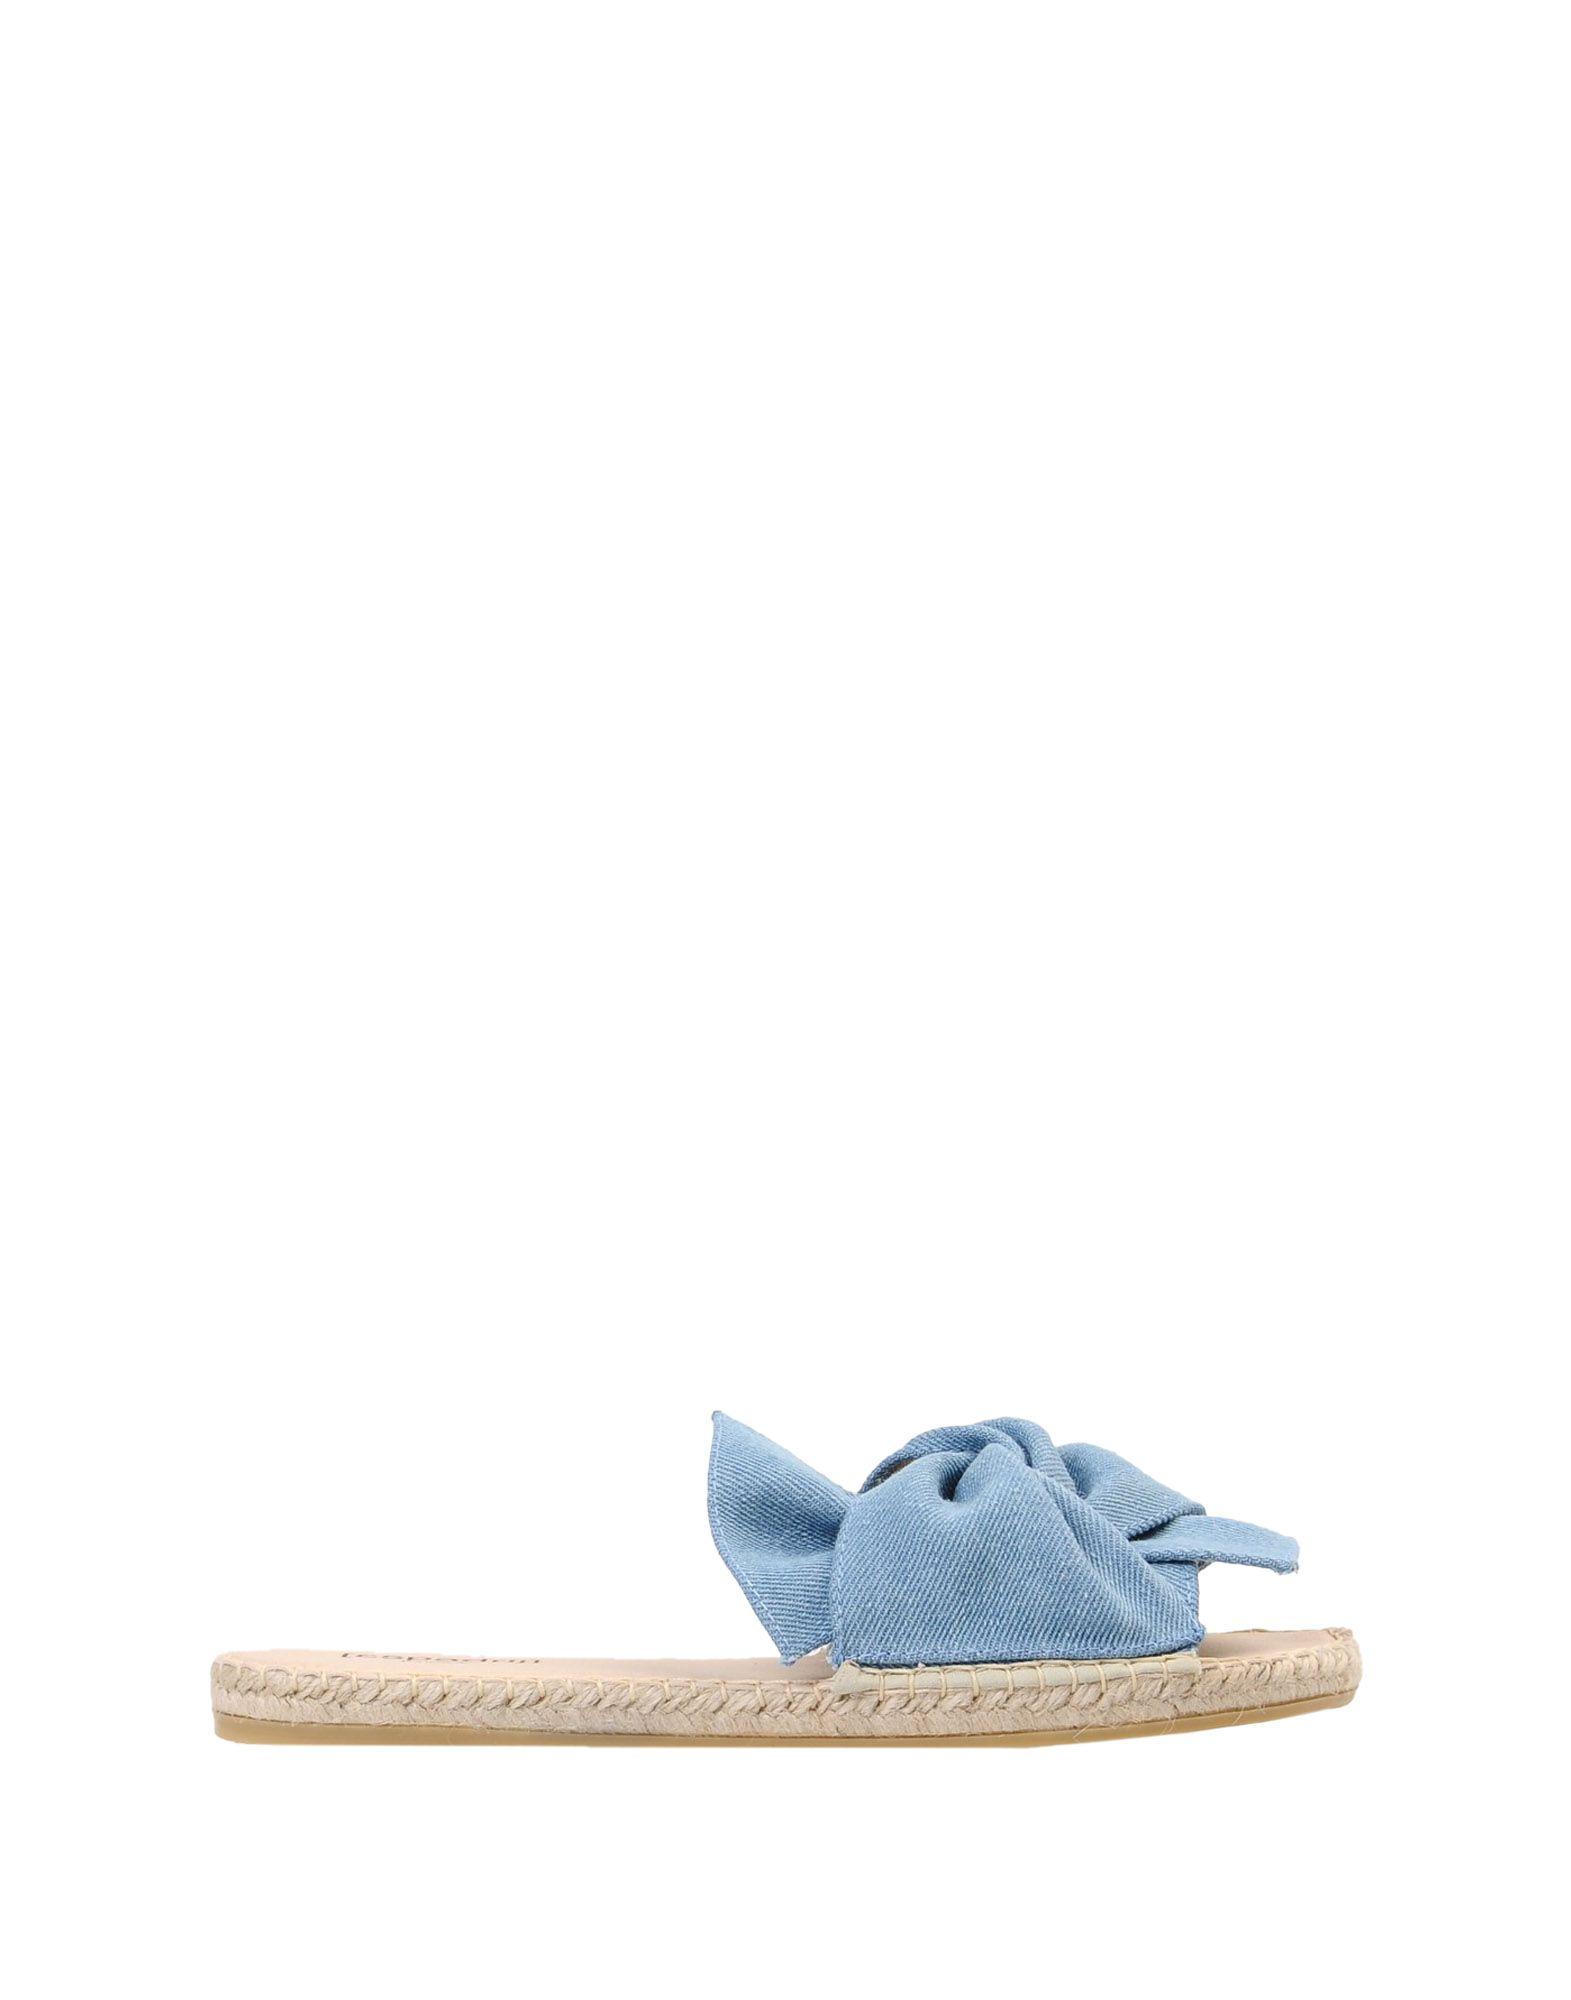 Sandales [Espadrij] Plage Boucle Denim - Femme - Sandales [Espadrij] sur